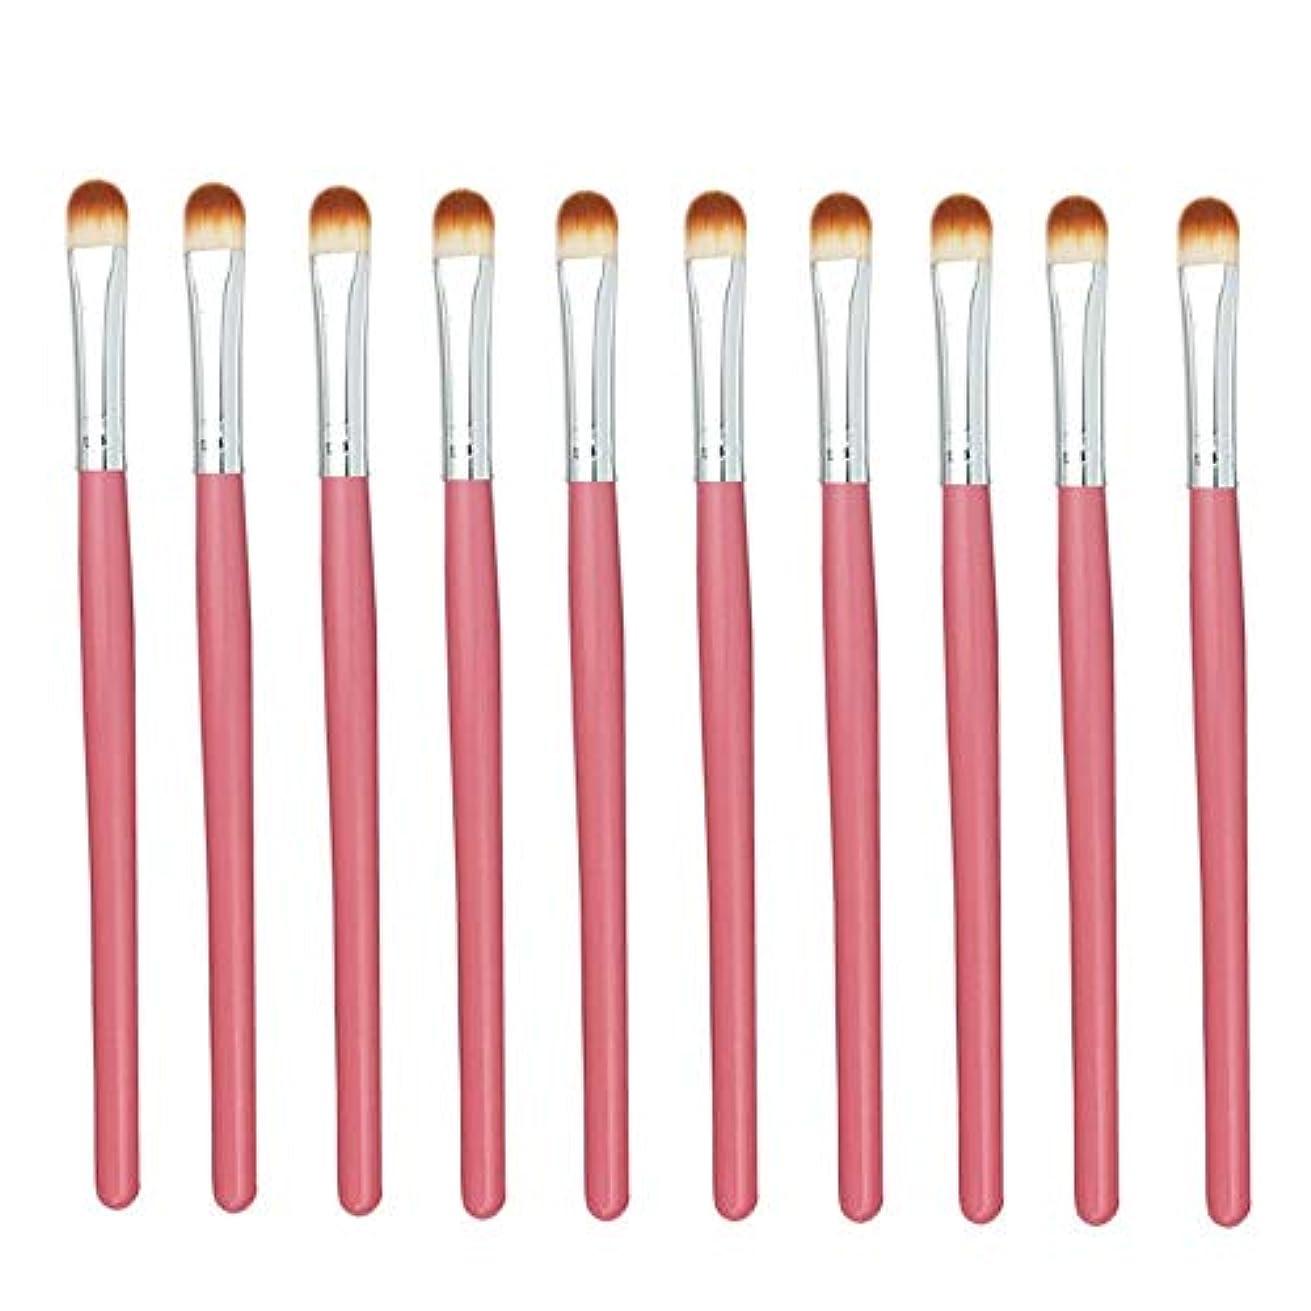 冬依存風刺Makeup brushes ピンク、アイシャドウブラシ初心者および専門家向けのアイメイクブラシ10スティックアイメイクブラシ suits (Color : Pink Silver)